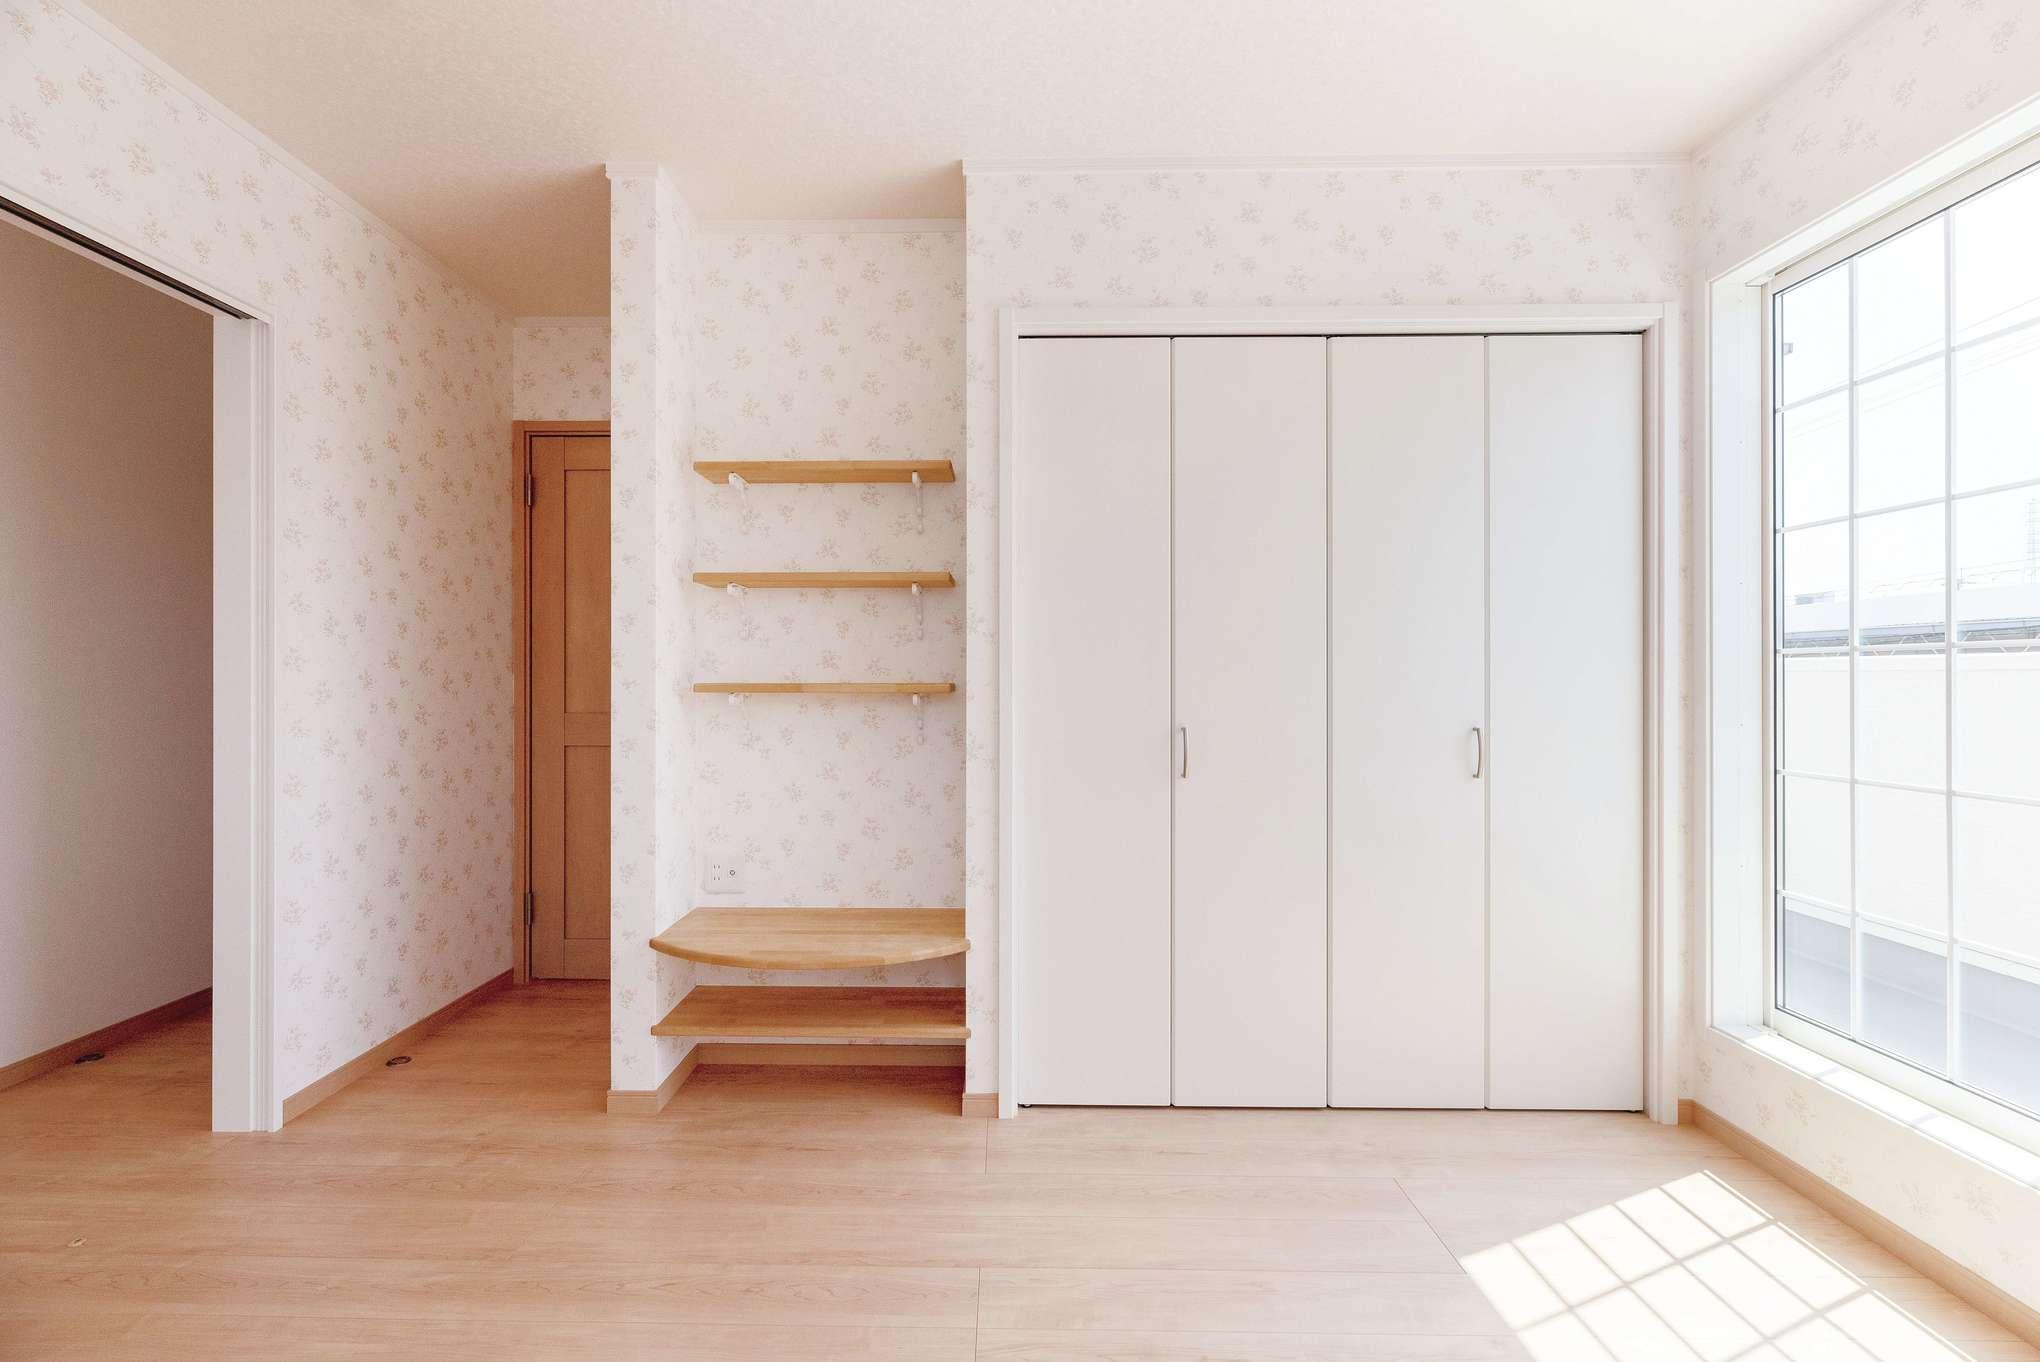 奥さまの寝室。フラワー柄の壁紙を用いて、テレビボードを造作している。ご主人の寝室とは、必要に応じて開け閉めできる引き戸で仕切る